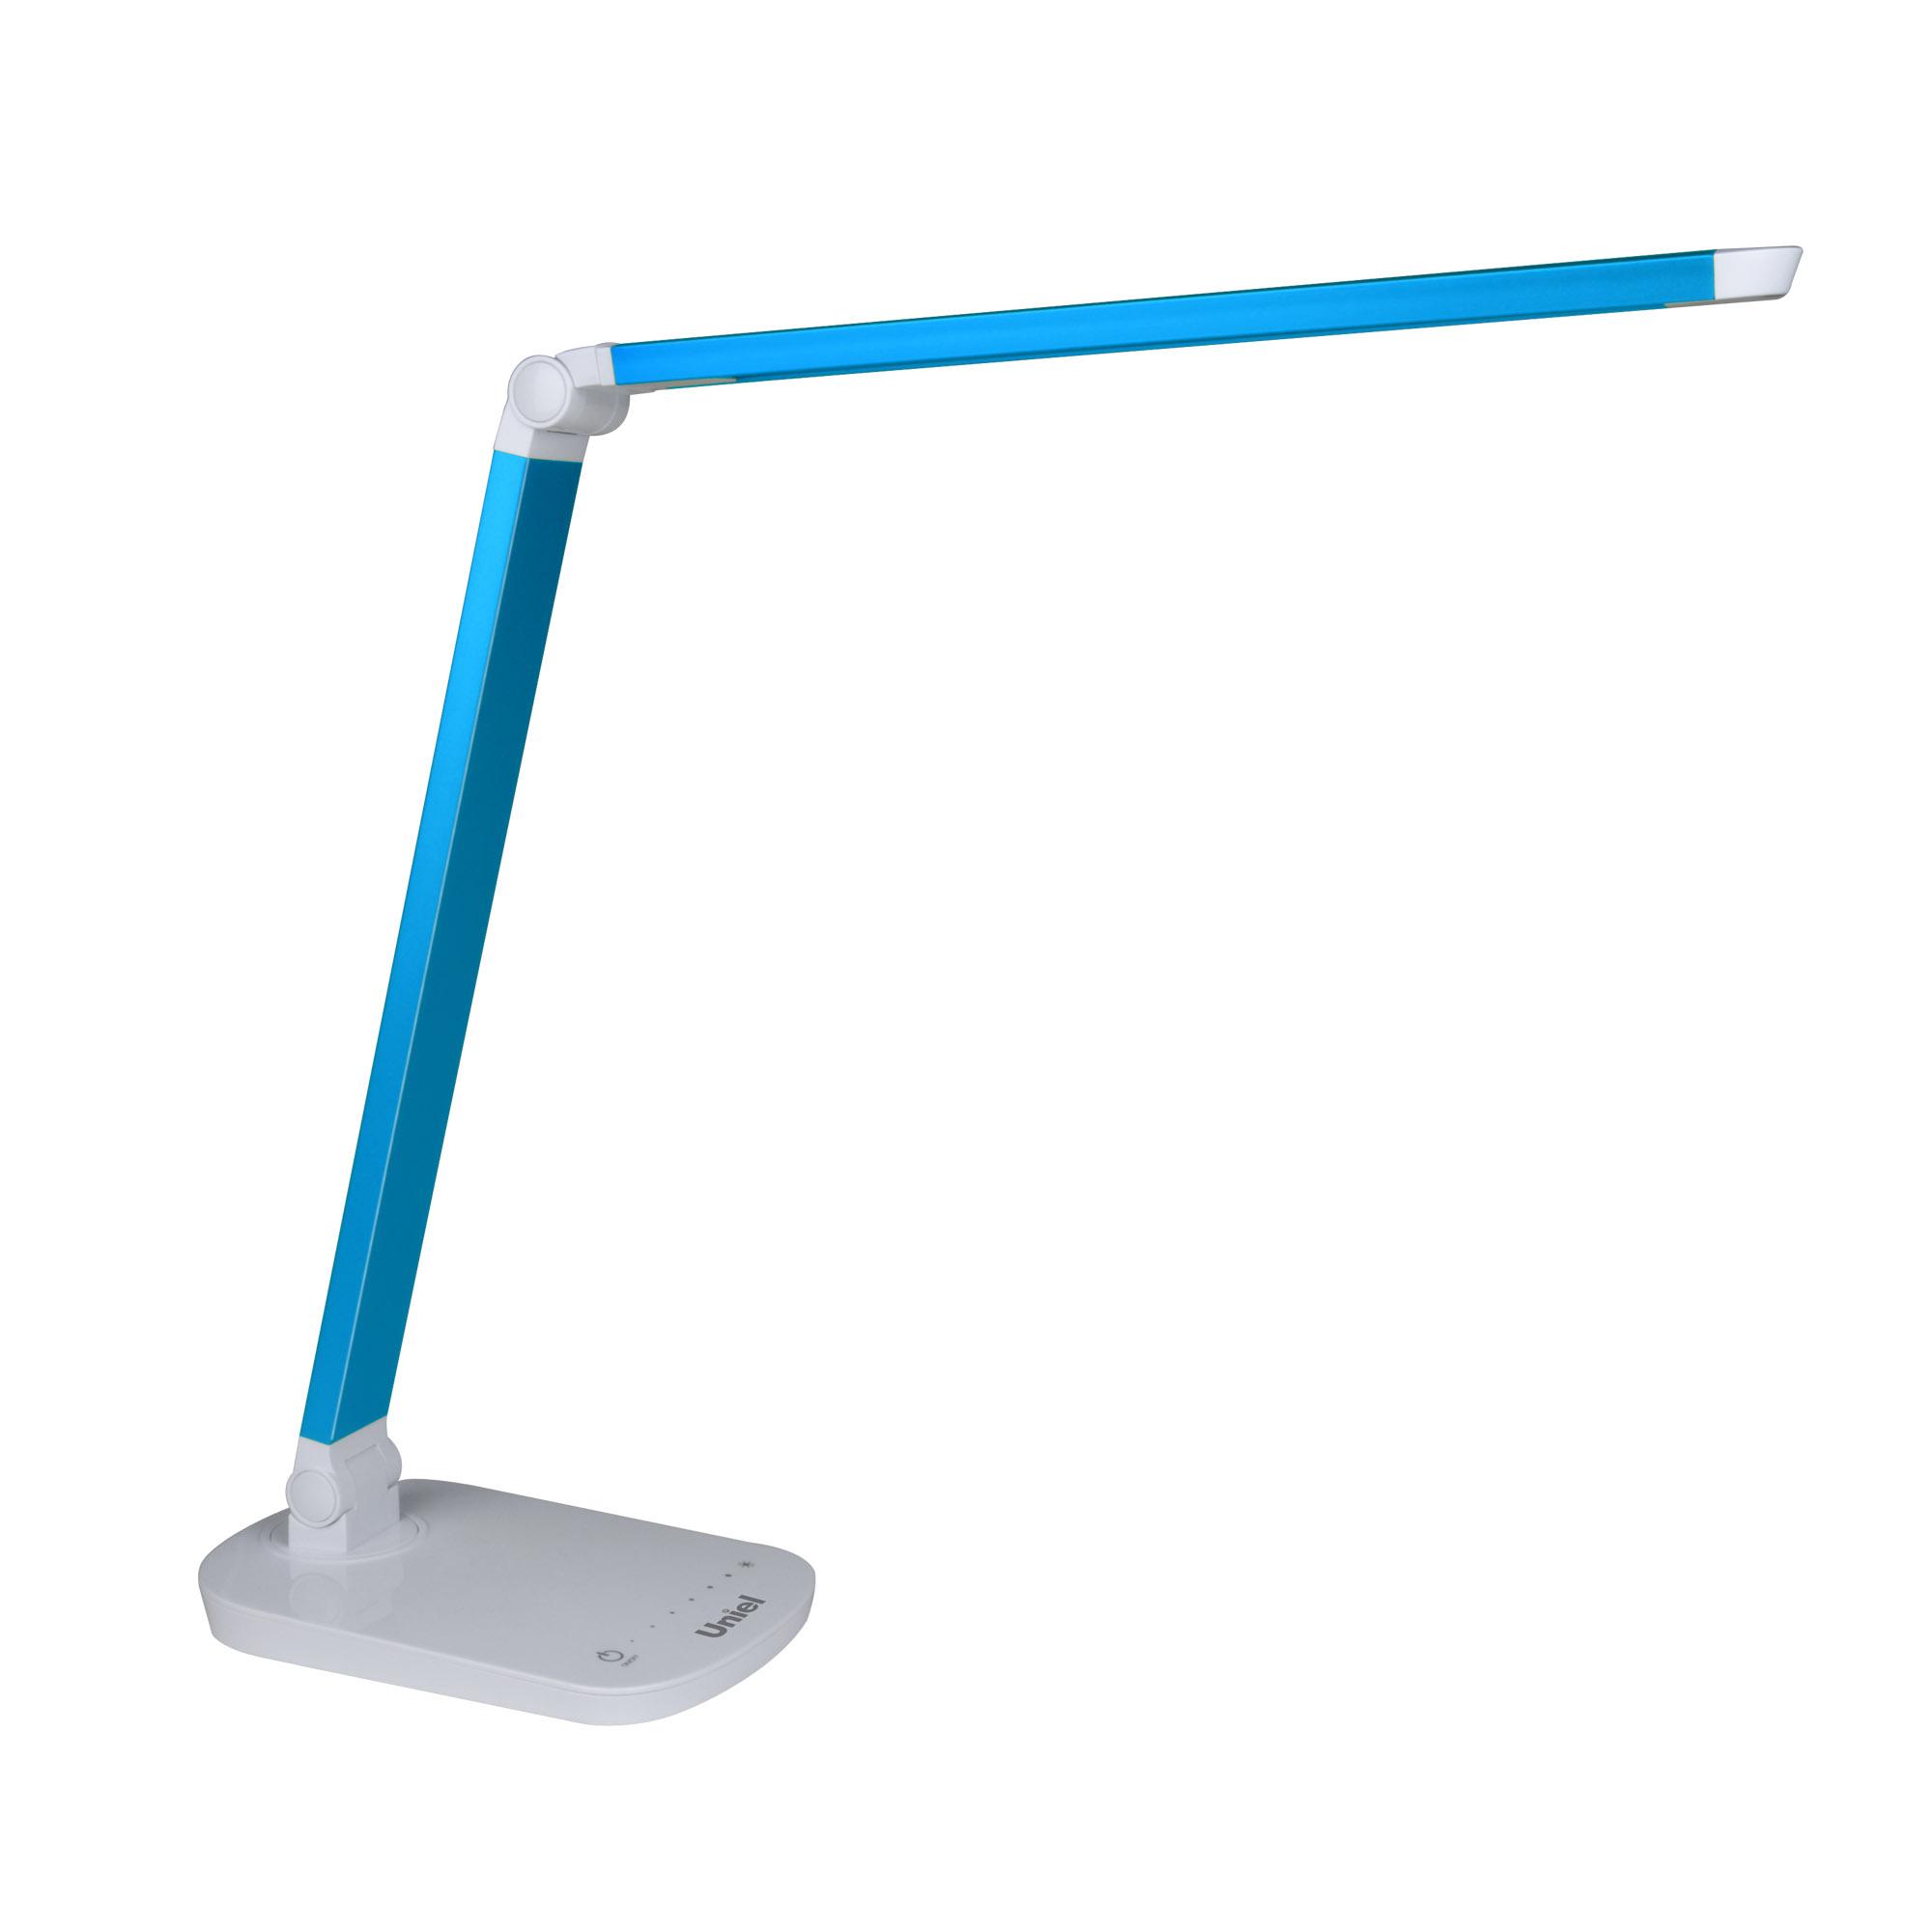 Лампа настольная UnielЛампы настольные<br>Тип настольной лампы: ученическая/офисная,<br>Назначение светильника: офисный,<br>Стиль светильника: модерн,<br>Тип лампы: светодиодная<br>